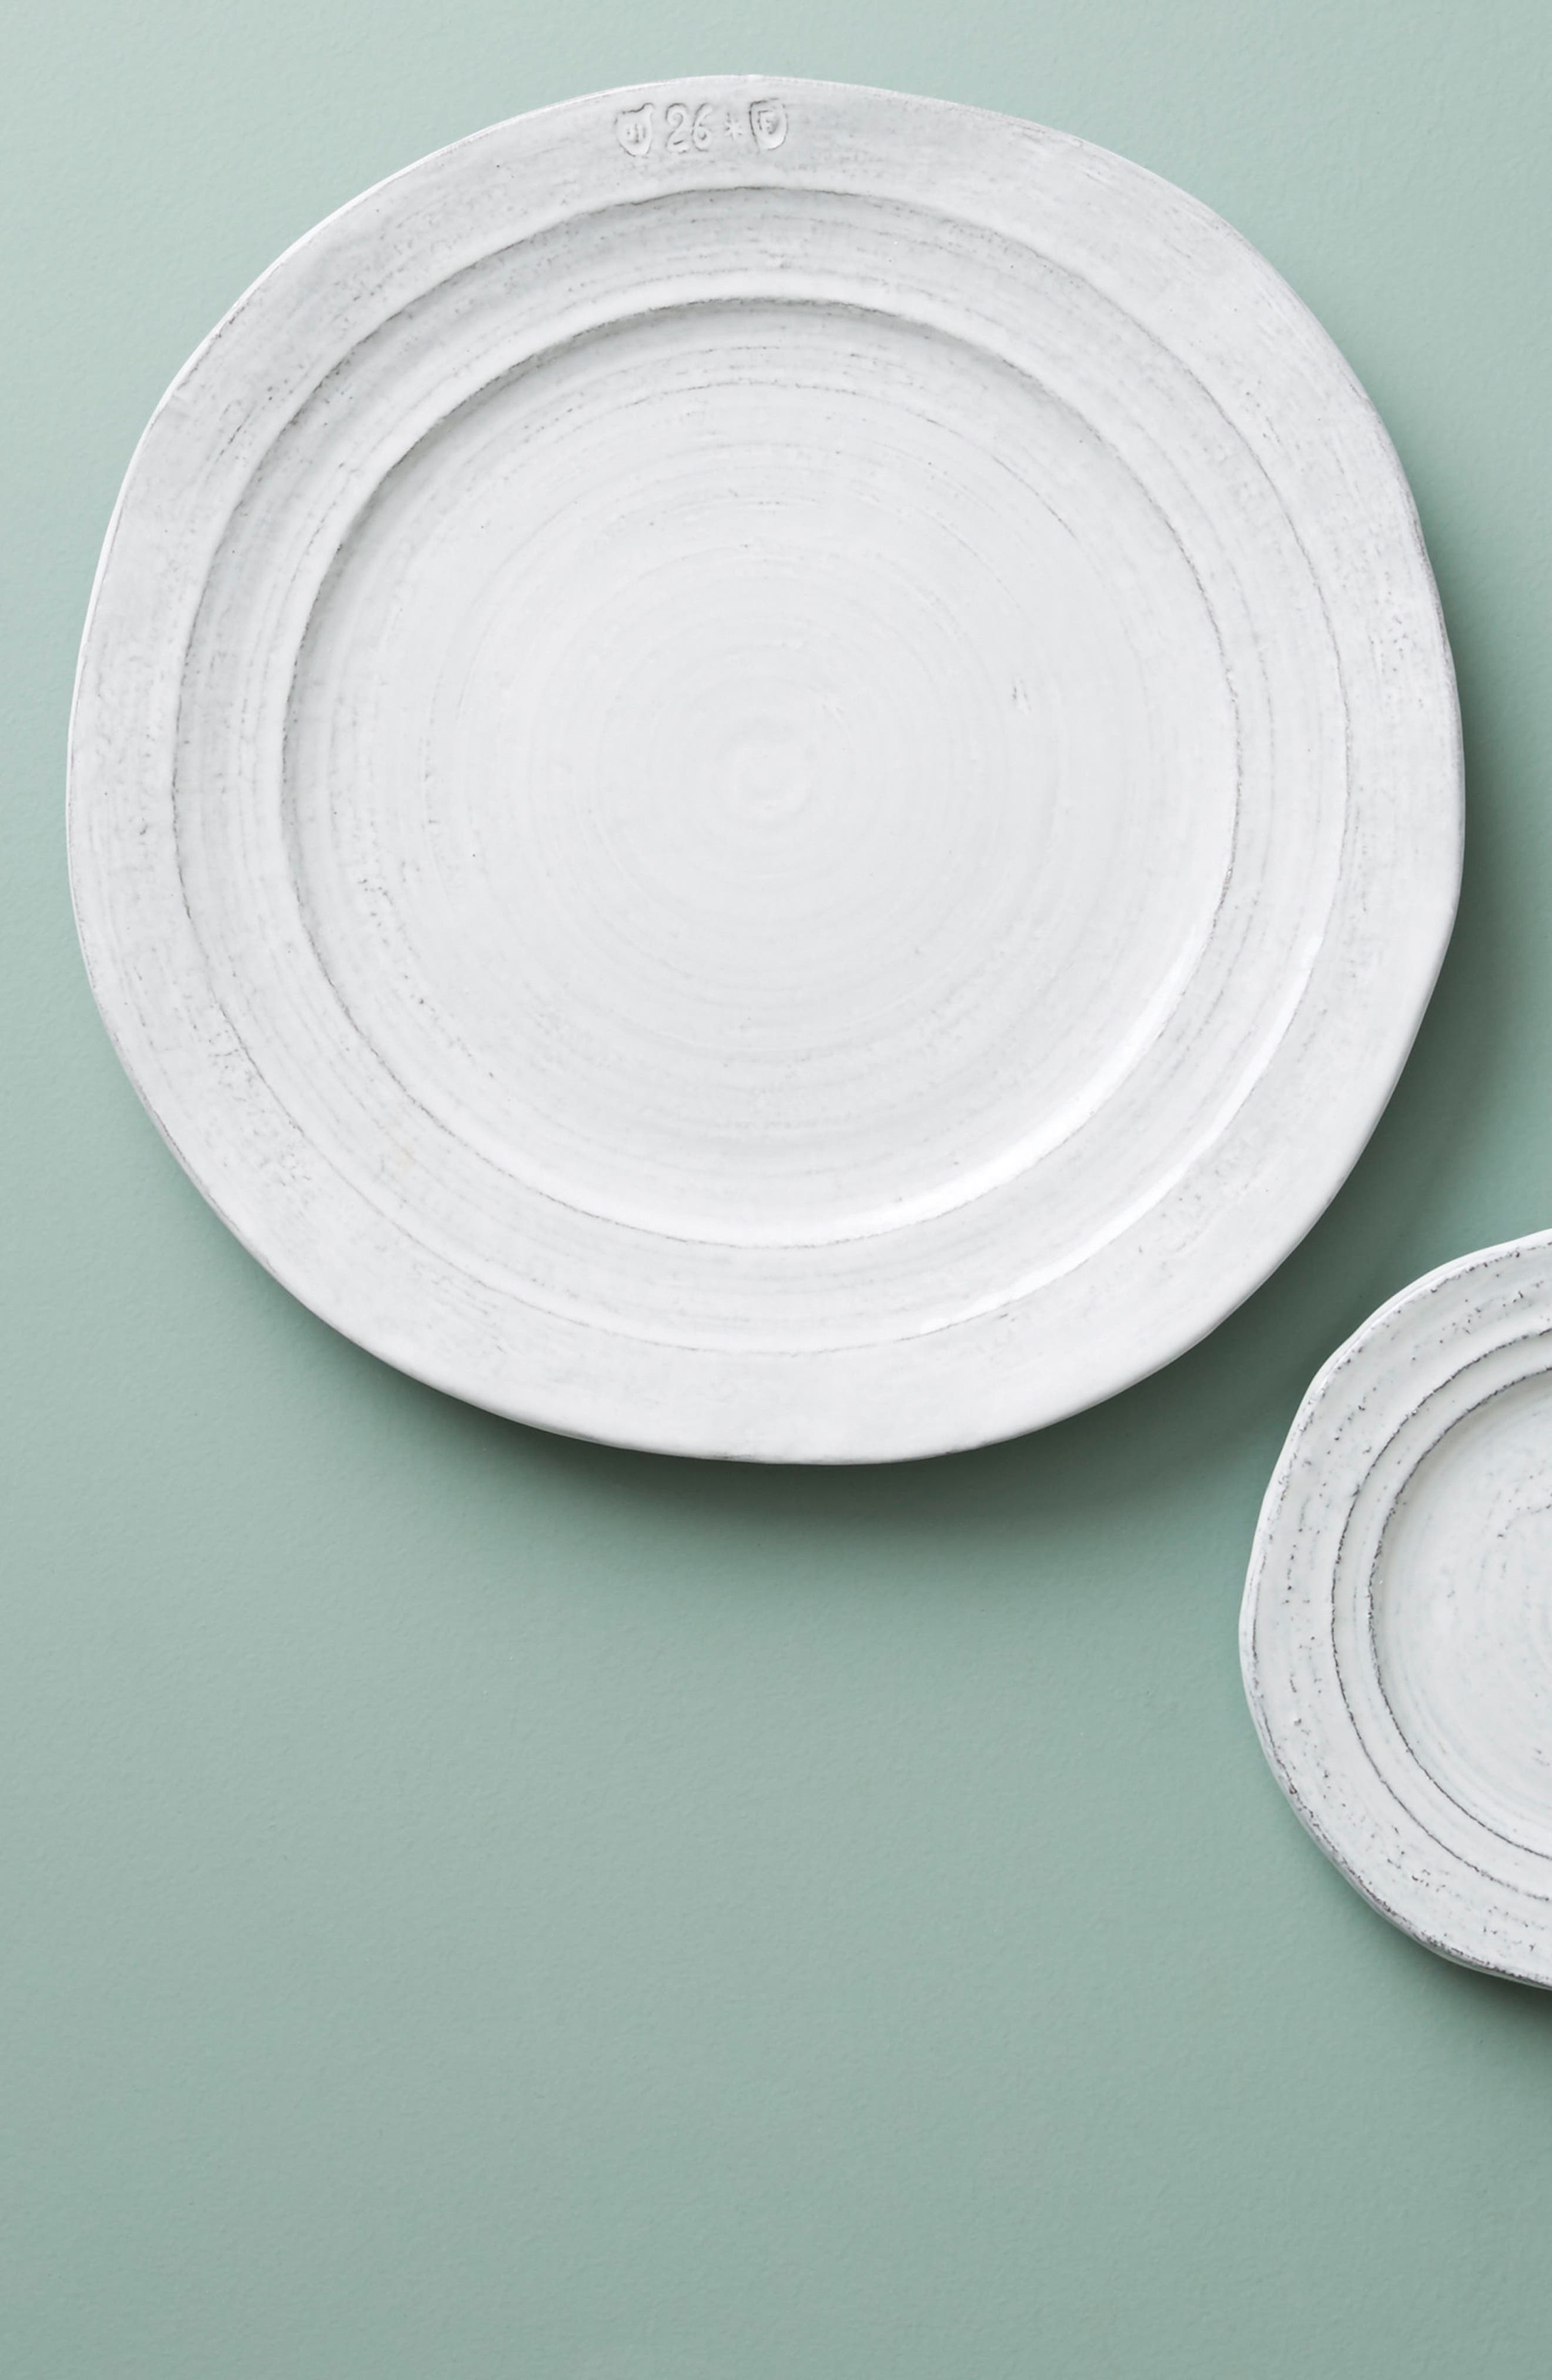 Anthropologie Glenna Dinner Plate